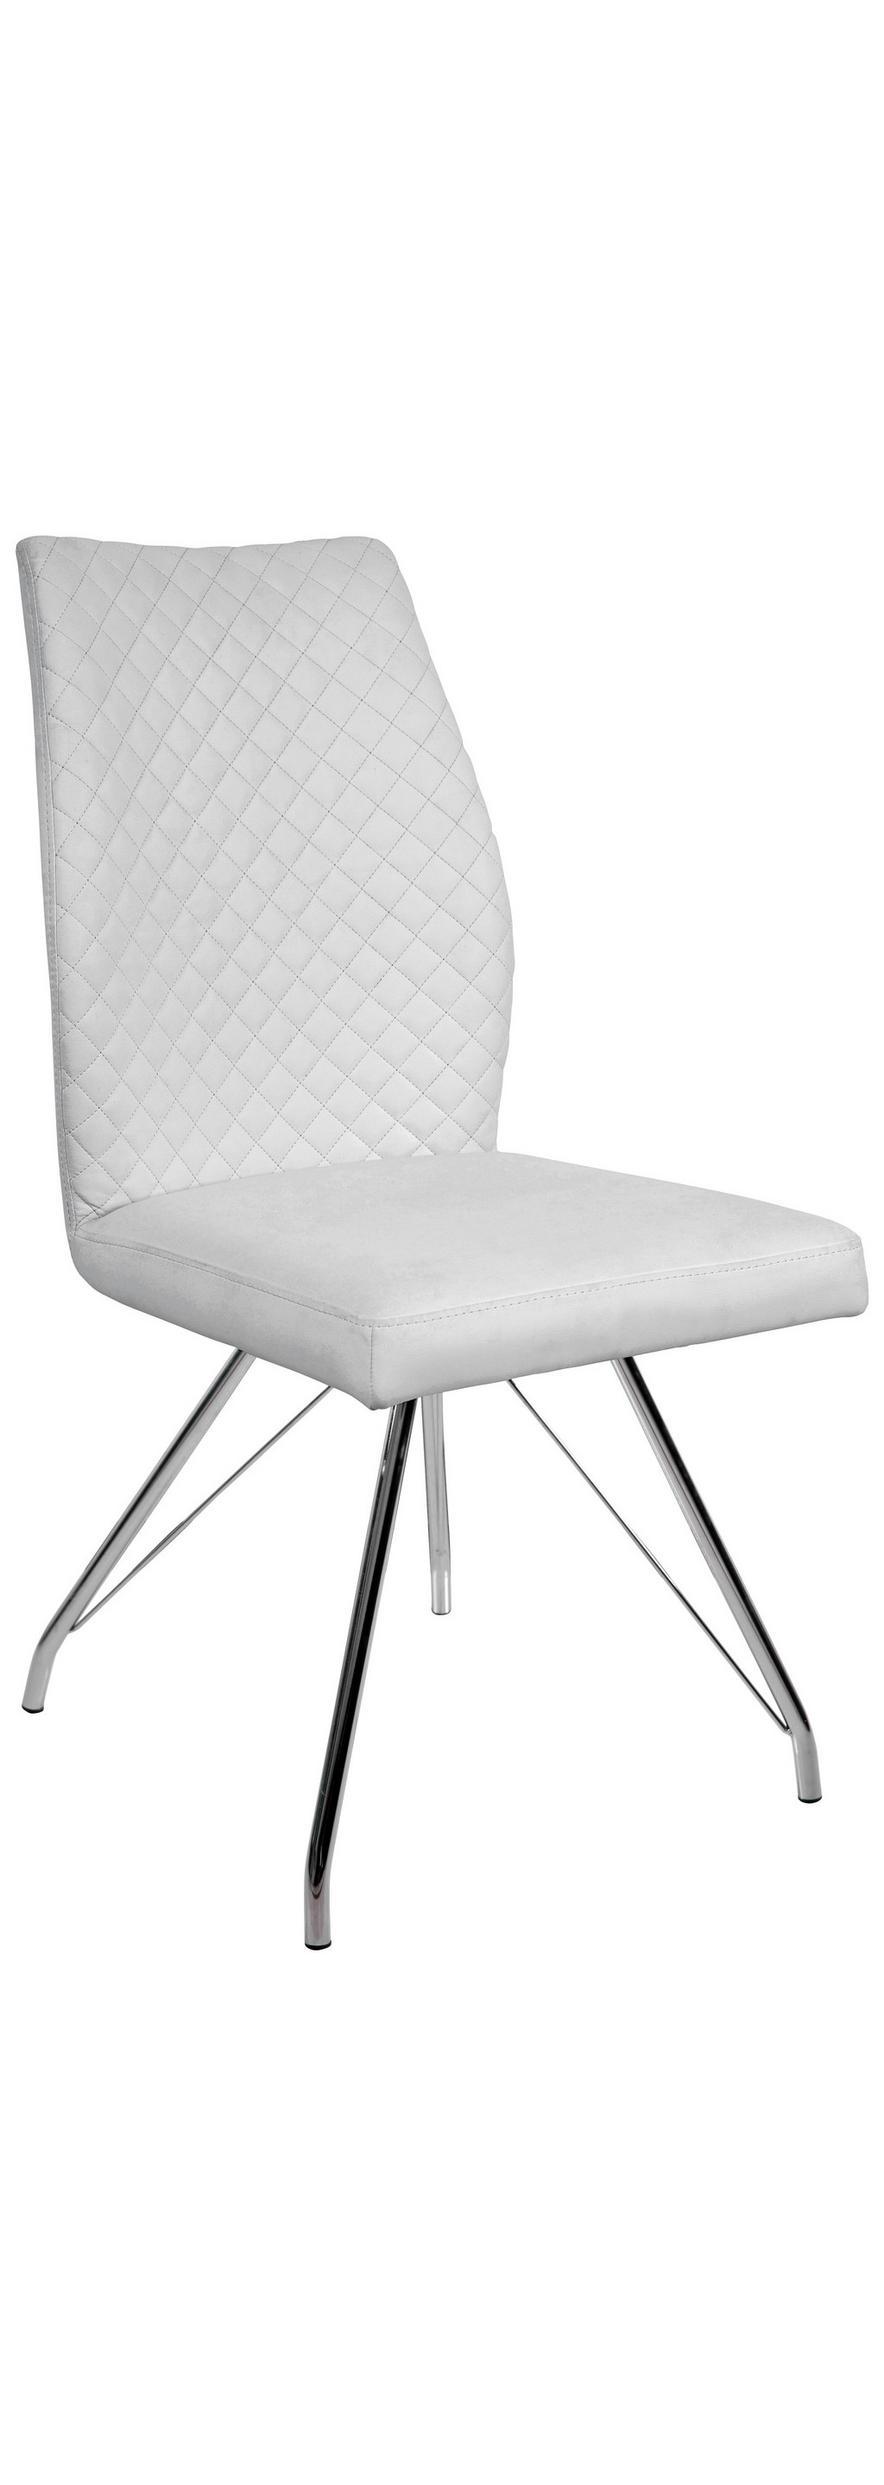 Stuhl In Weiss Online Kaufen Momax